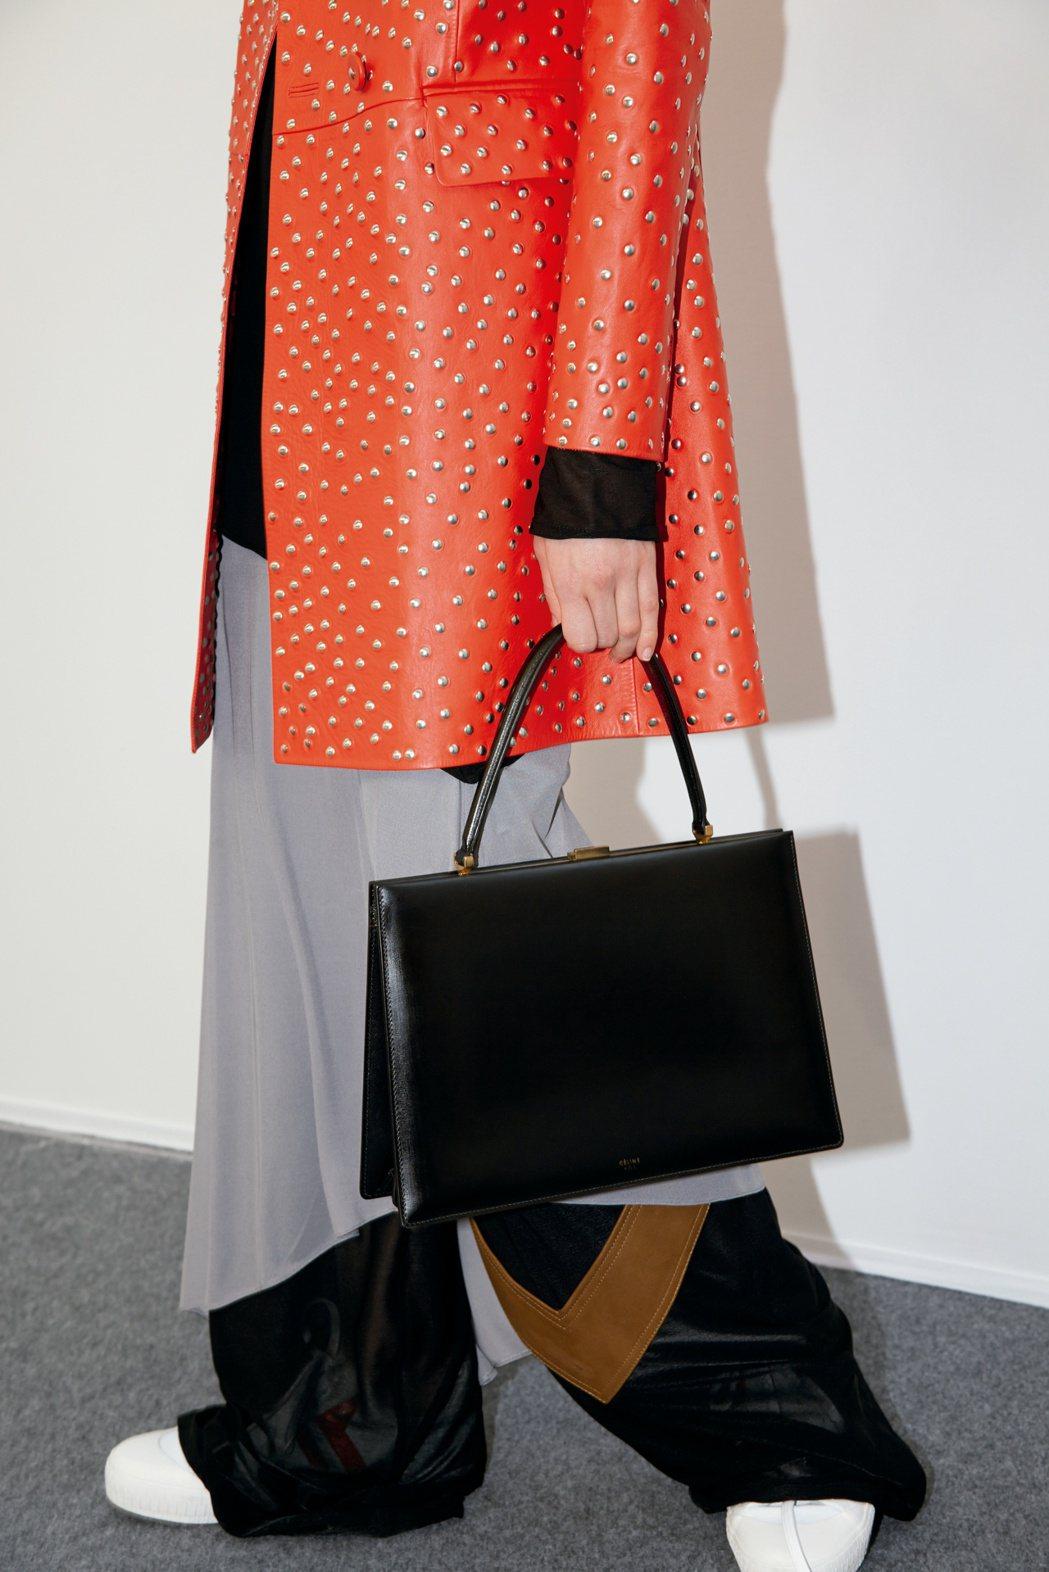 CLASP MEDIUM黝黑色光滑小牛皮手提包,售價130,000元。圖/CEL...